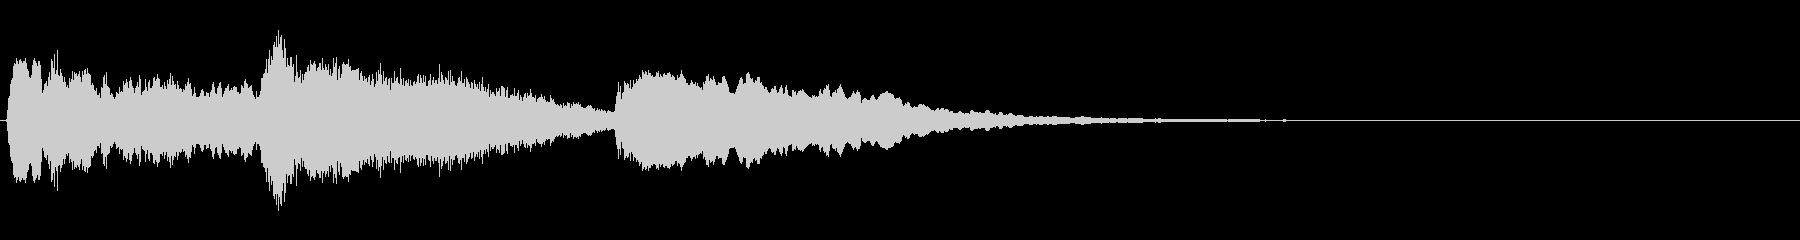 トッカータとフーガ/バイオリン/残響ありの未再生の波形